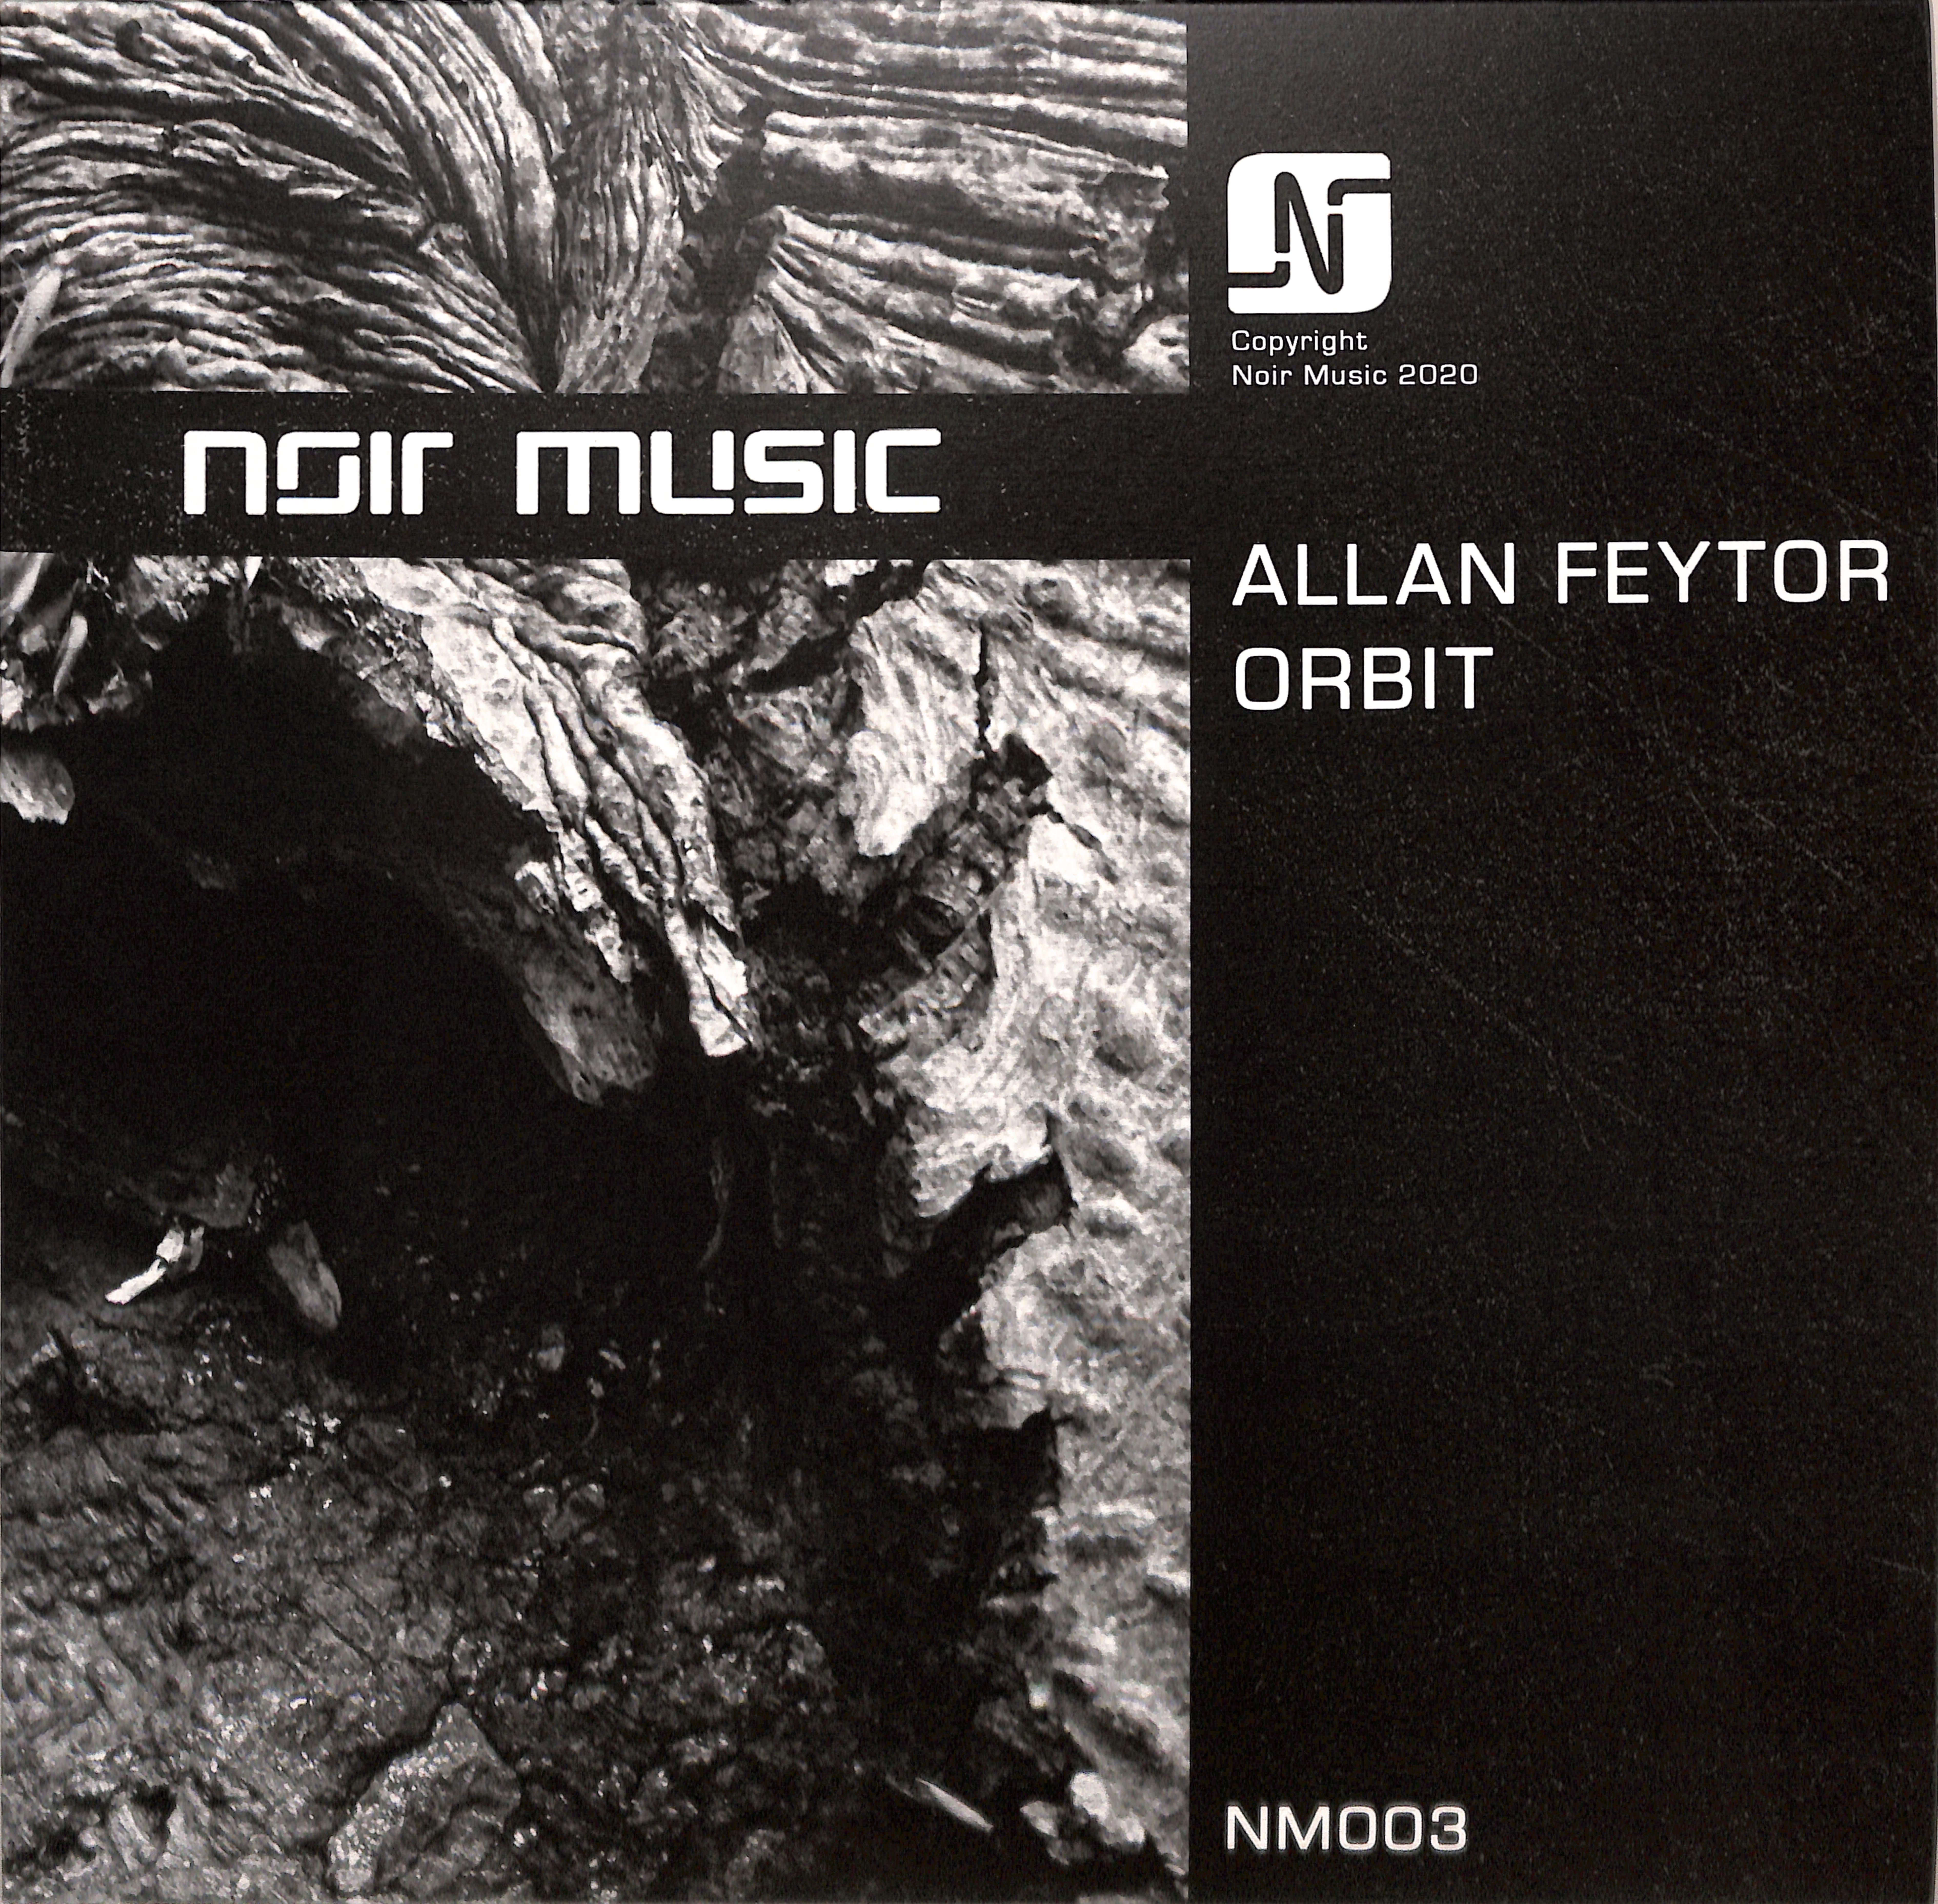 Allan Feytor - ORBIT